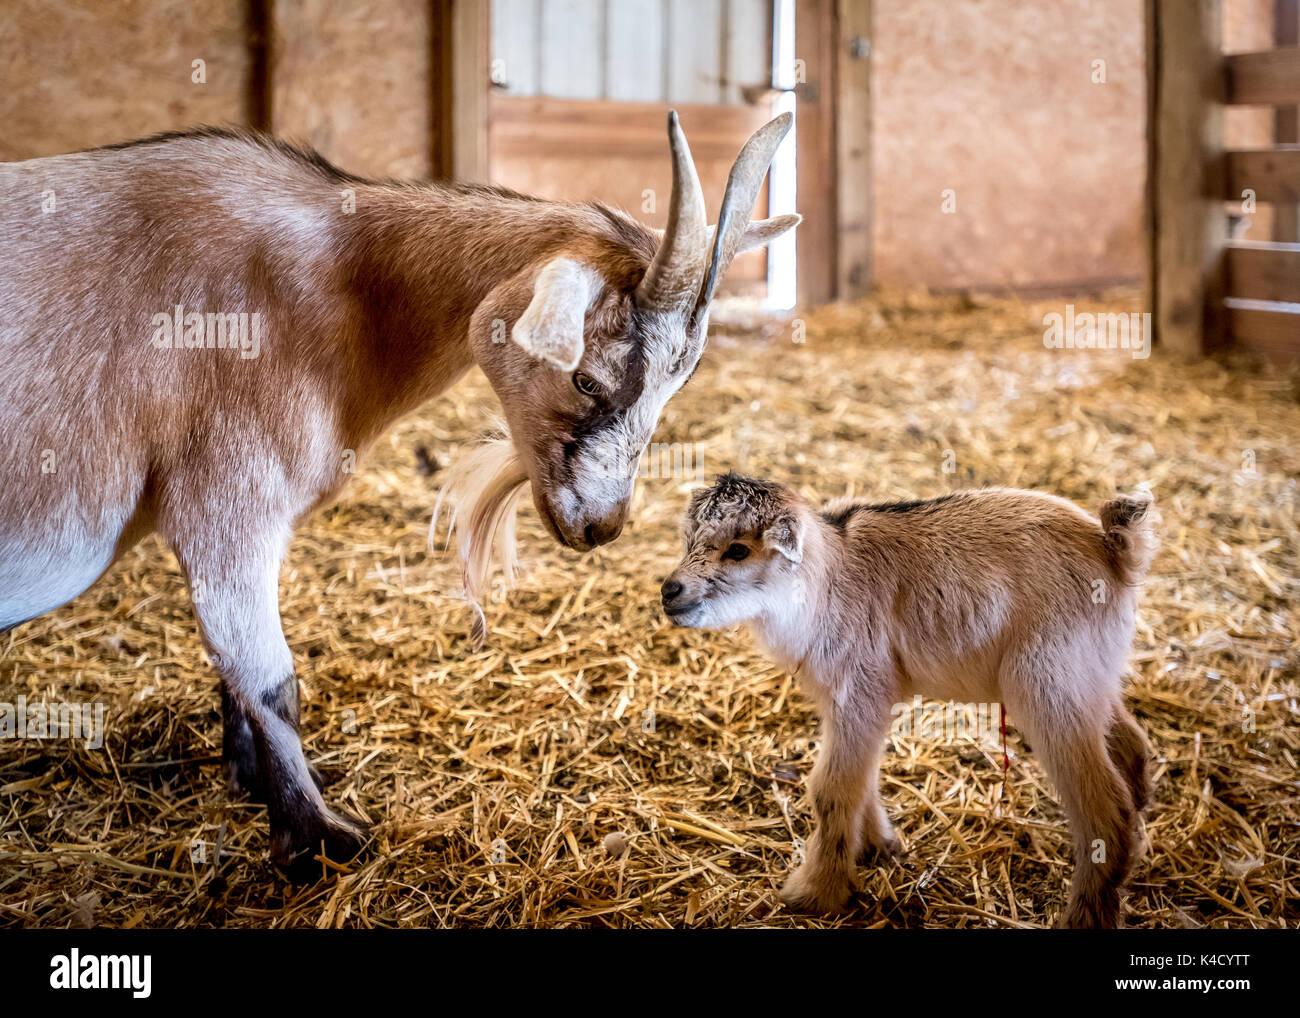 Una mirada amorosa de la madre al bebé recién nacido CABRA CABRA, cordón umbilical todavía visibles, tomando los primeros pasos en el granero en el Valle de Willamette en Oregon. Imagen De Stock